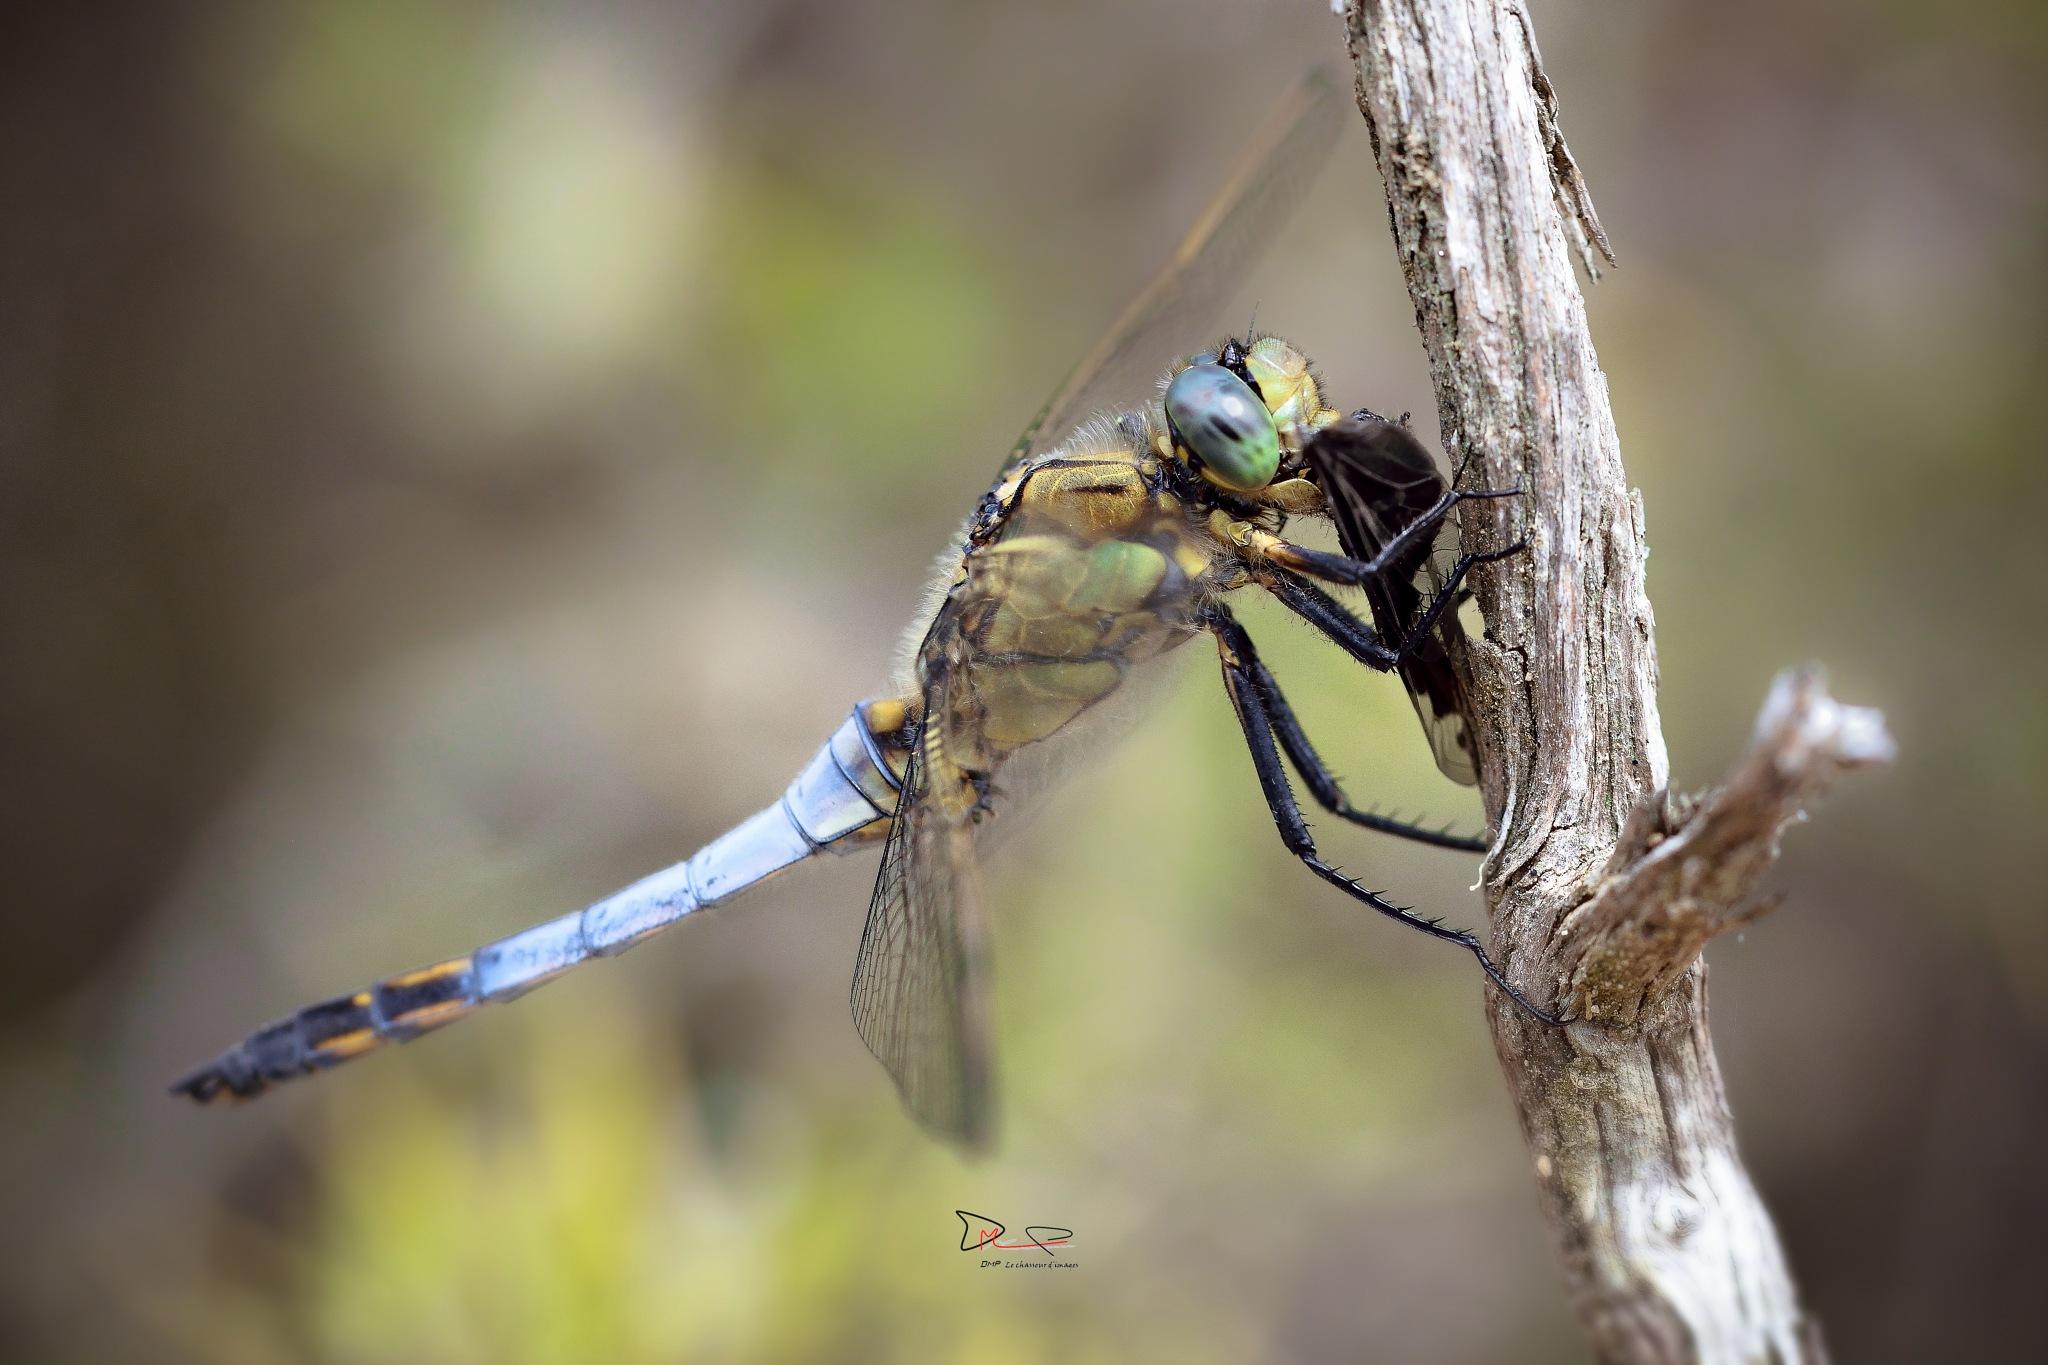 DMP le chasseur d'imges-Photography by DMP le chasseur d'images-Photography